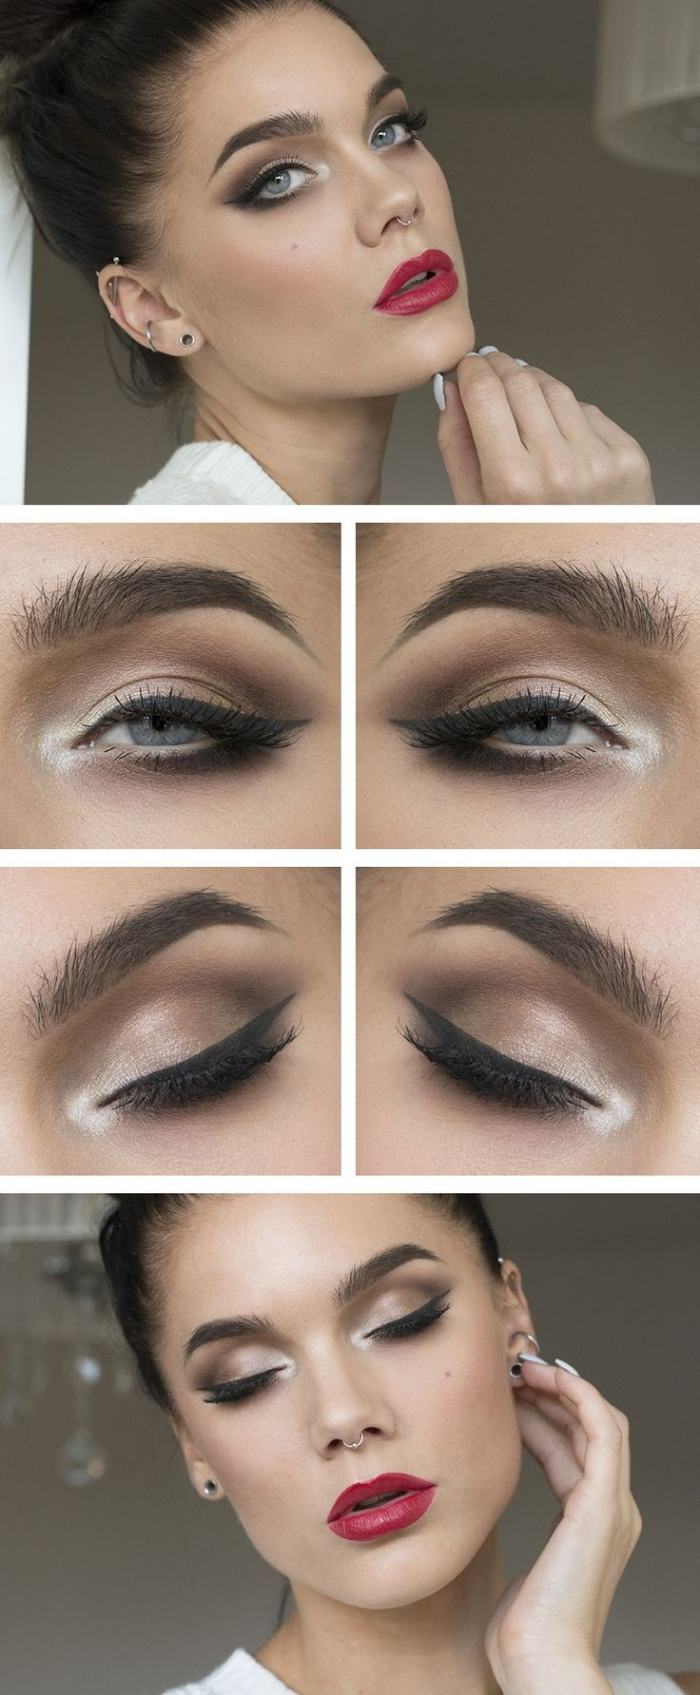 augen make up und lippenstift auftragen, anleitung, tipps. bilder ideen und inspiration,